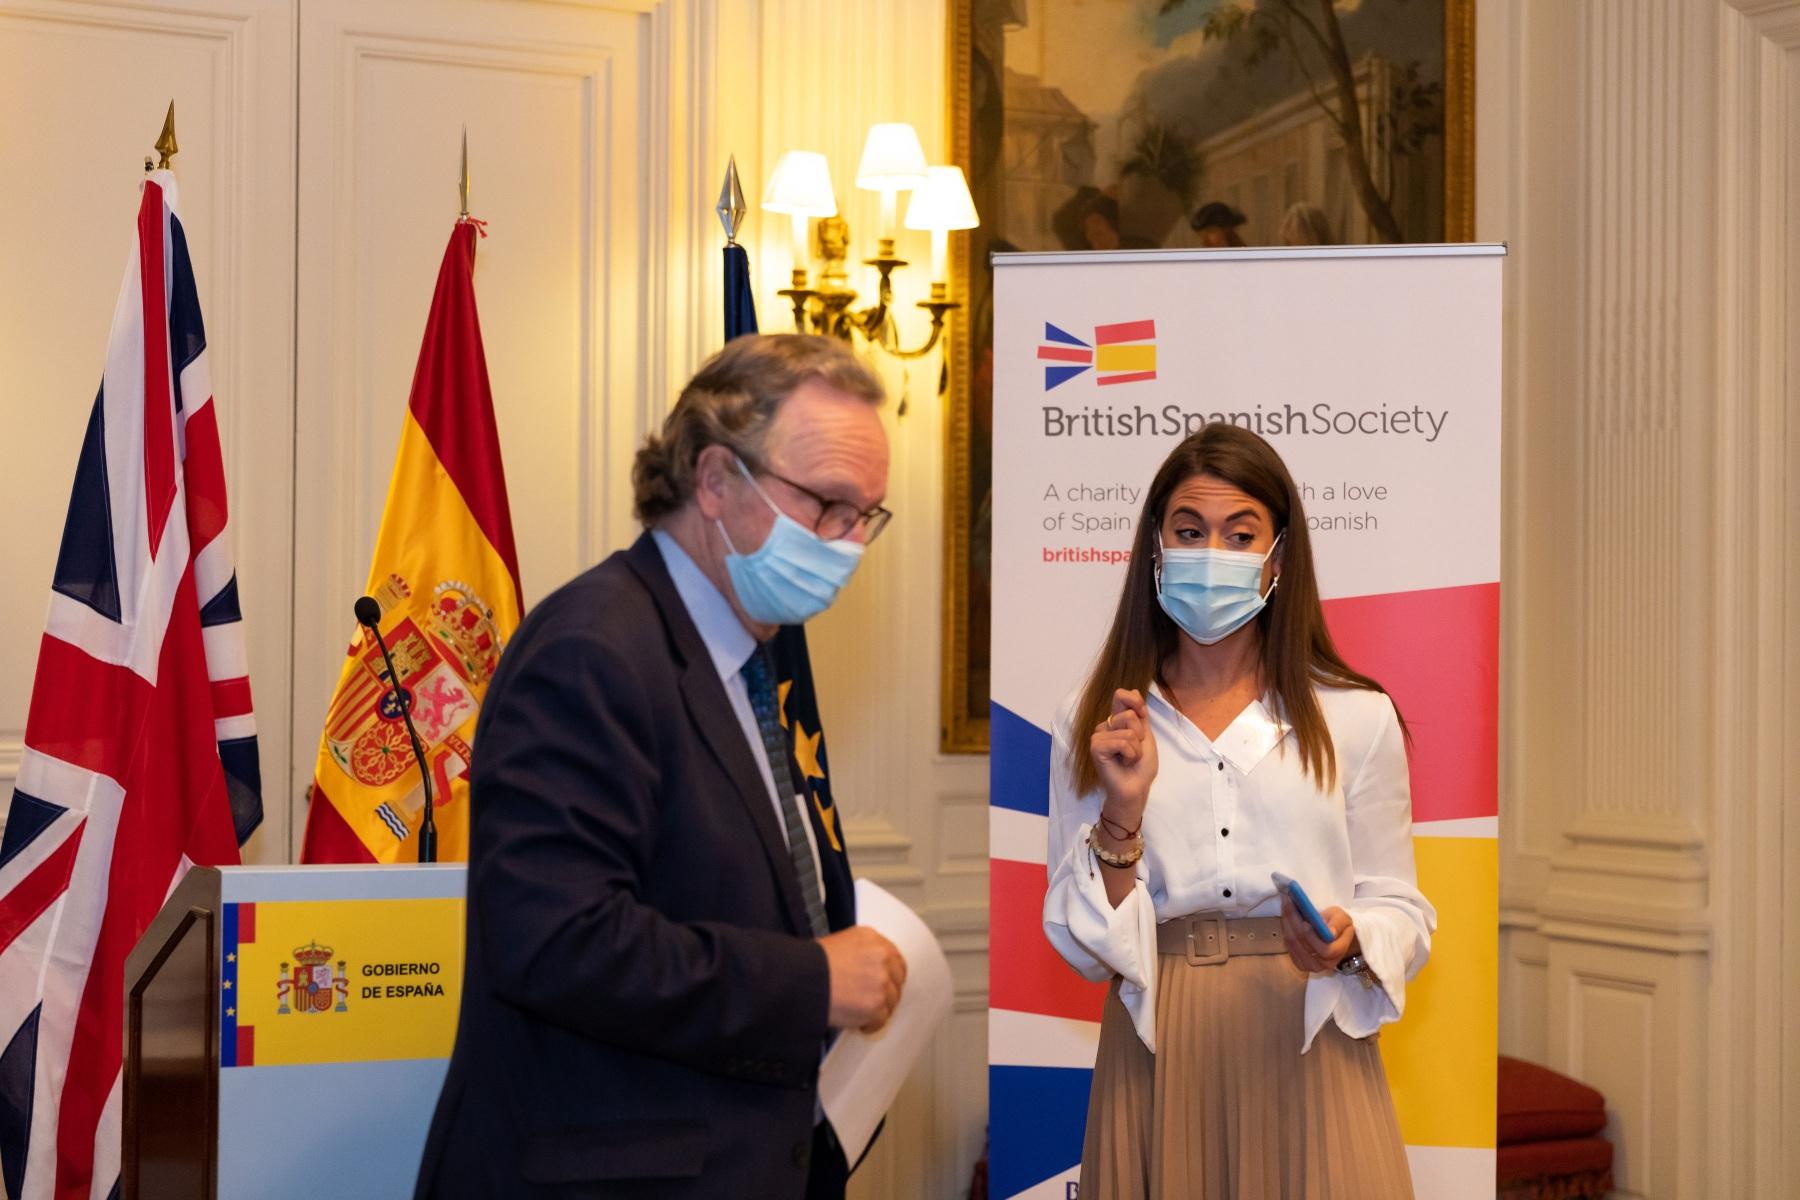 BSS_SpanishEmbassySept17-53